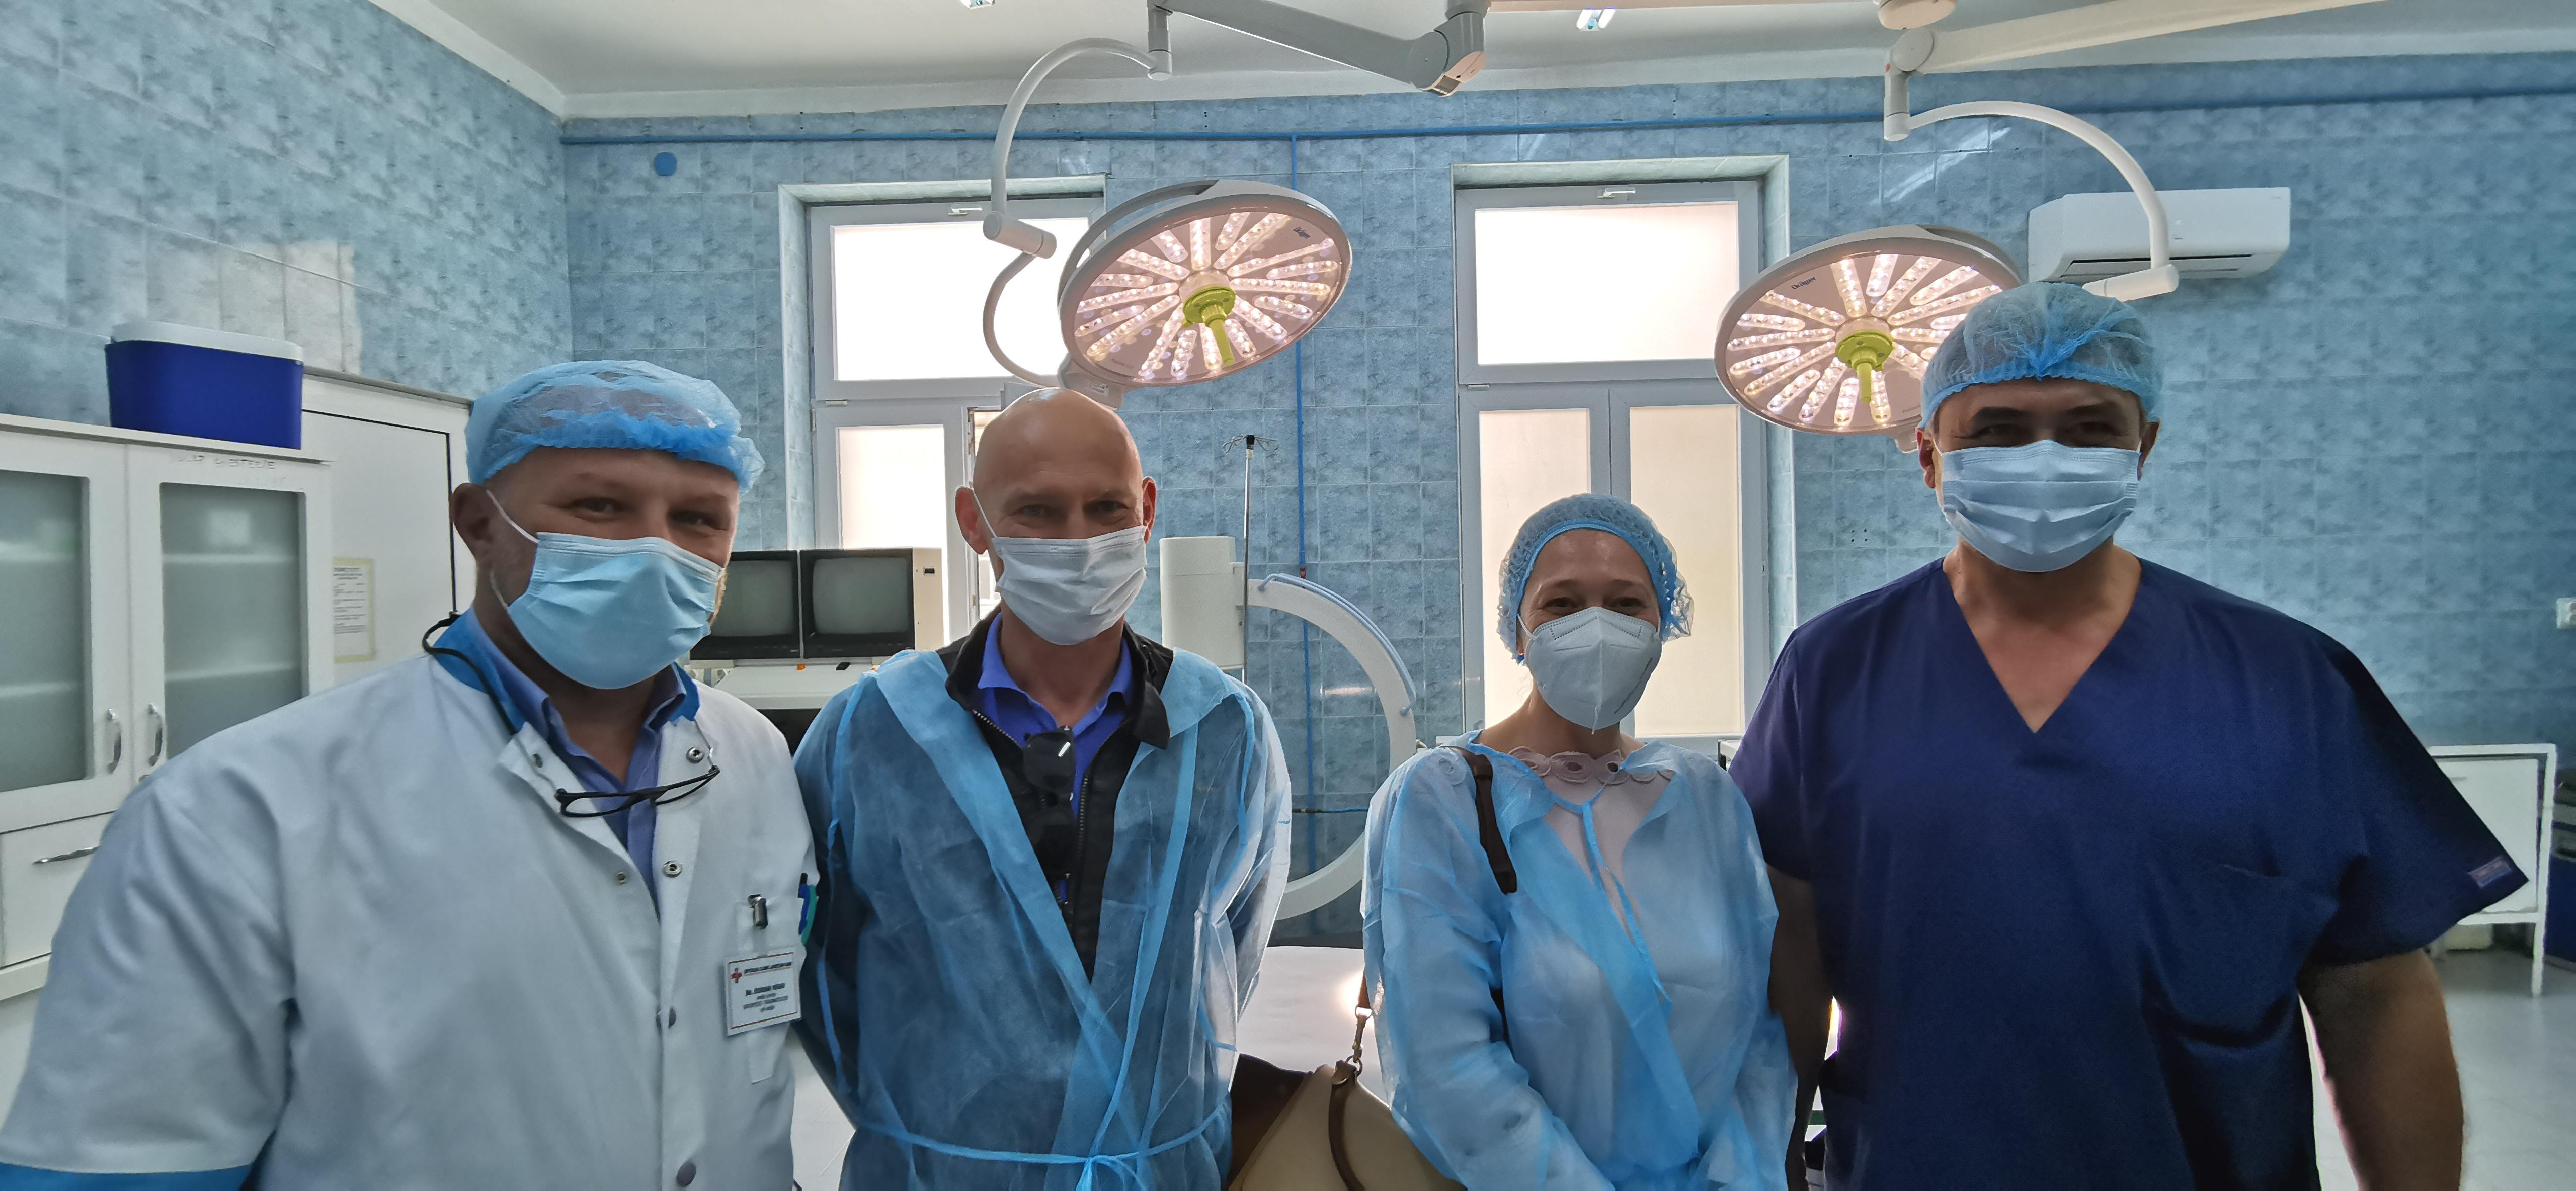 O familie din Sibiu sponsorizează cu 22.000 de euro Spitalul Județean: lămpi scialitice pentru două săli de operație